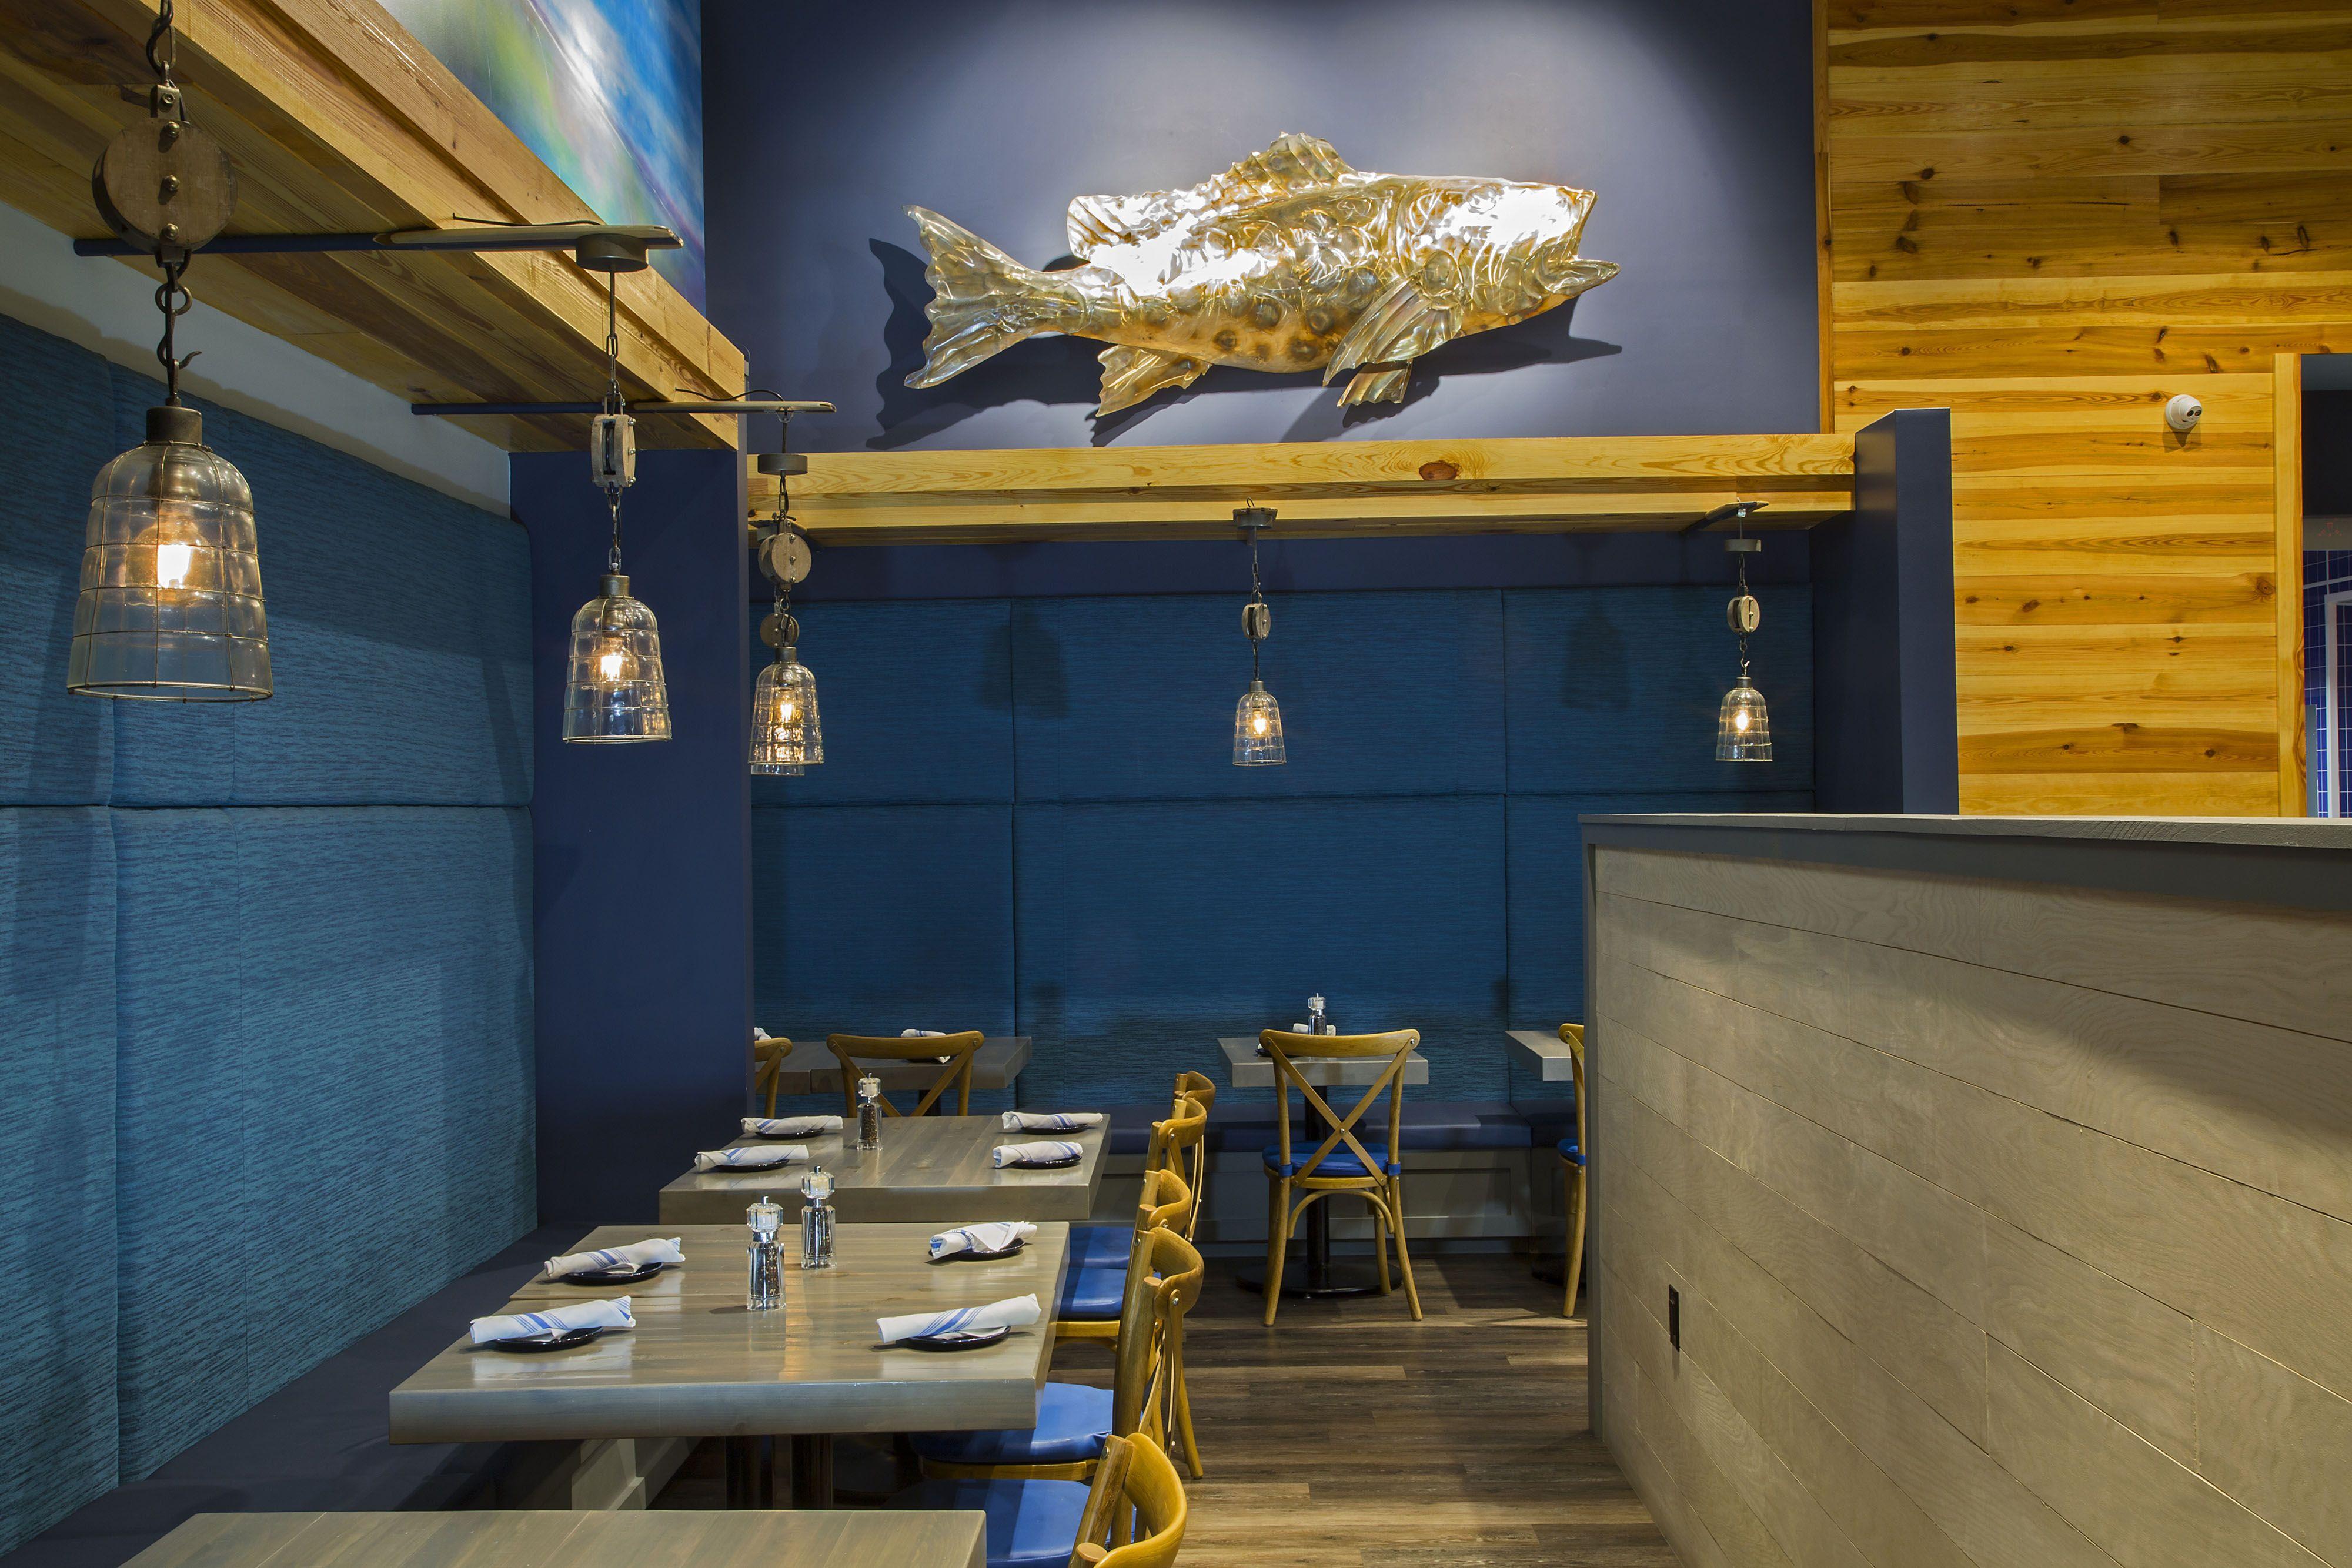 Hook Barrel Beach Dining Myrtle Beach Restaurants Garden City